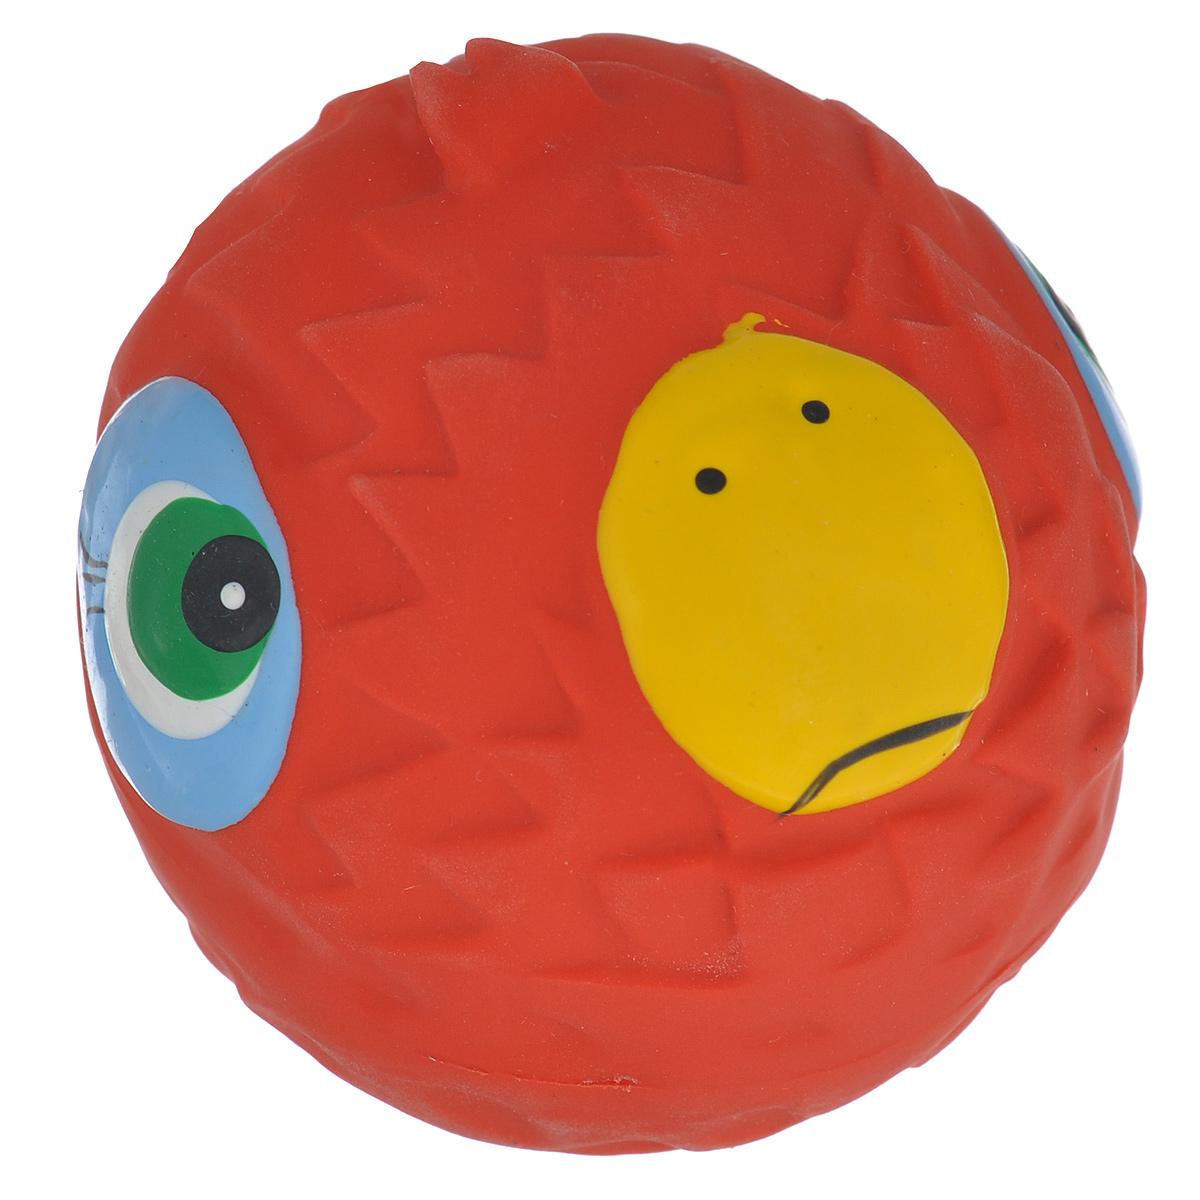 Игрушка для собак Beeztees Мяч с мордочкой, цвет: красный16291_620560Прочная игрушка Beeztees Мяч с мордочкой изготовлена из натурального латекса сиспользованием только безопасных, не токсичных красителей. Великолепно подходит для игры и массажа десен вашей собаки. Игрушка не позволит скучать вашему питомцу ни дома, ни на улице.Диаметр: 7 см.